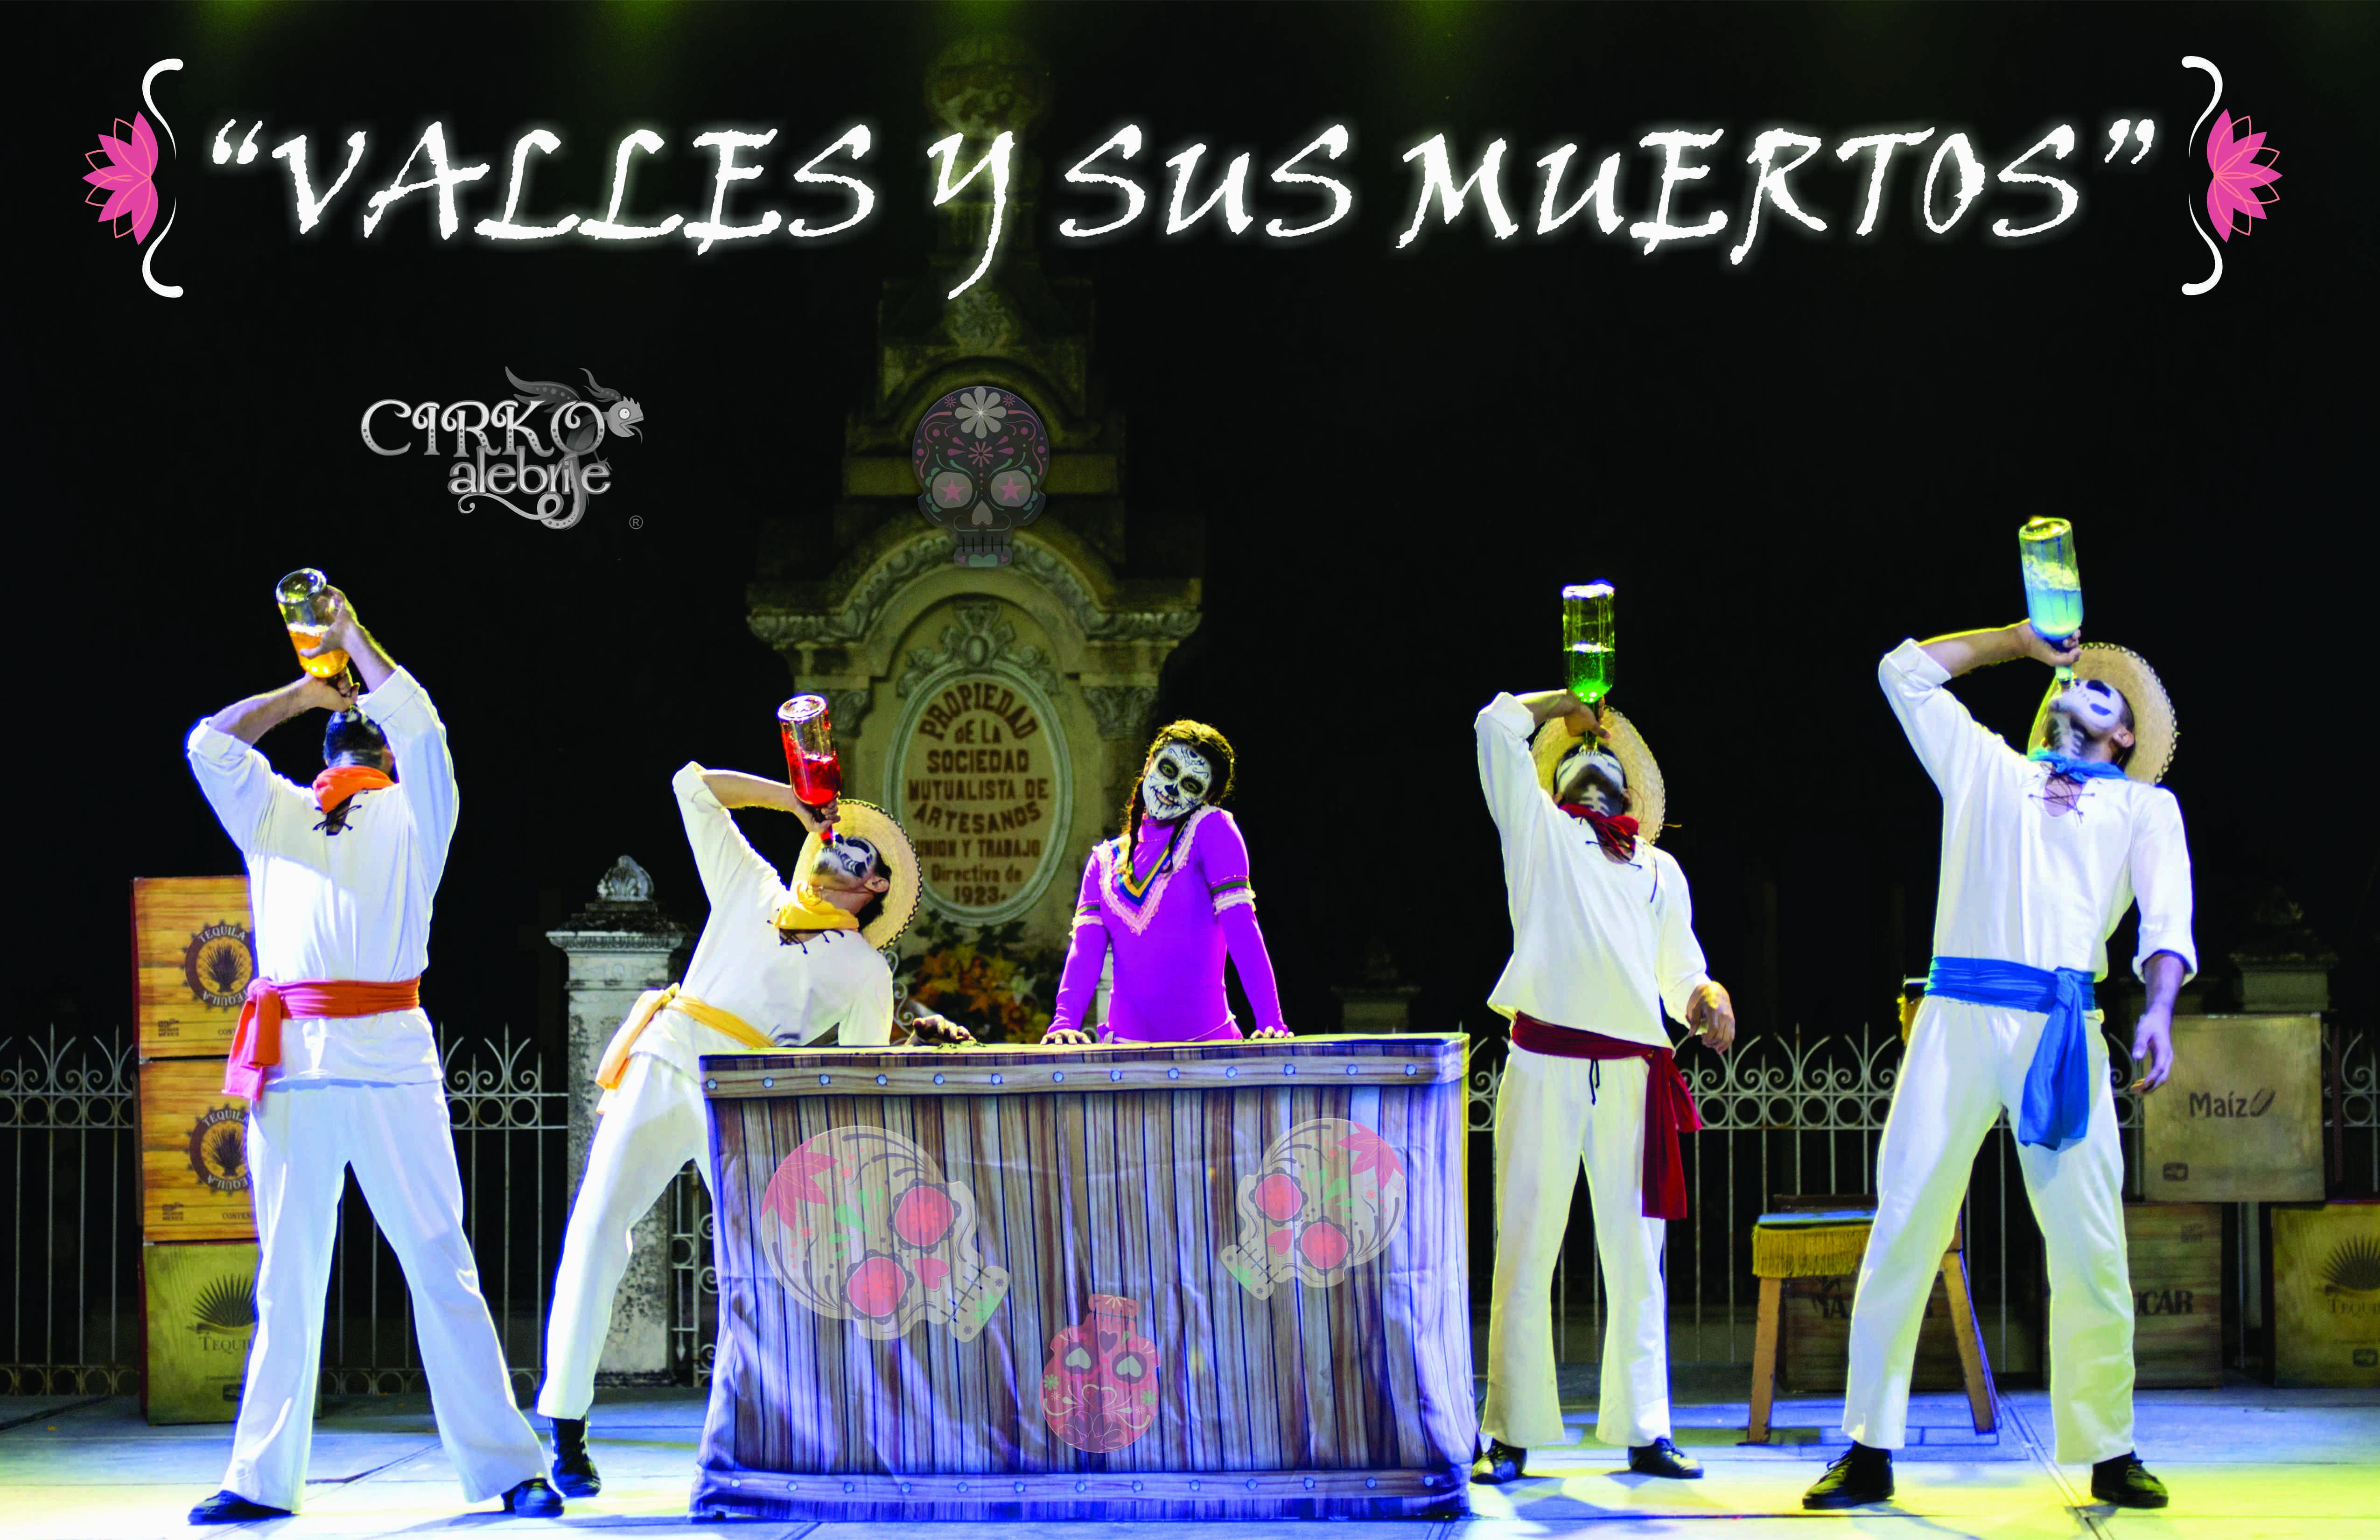 VALLES Y LOS MUERTOS